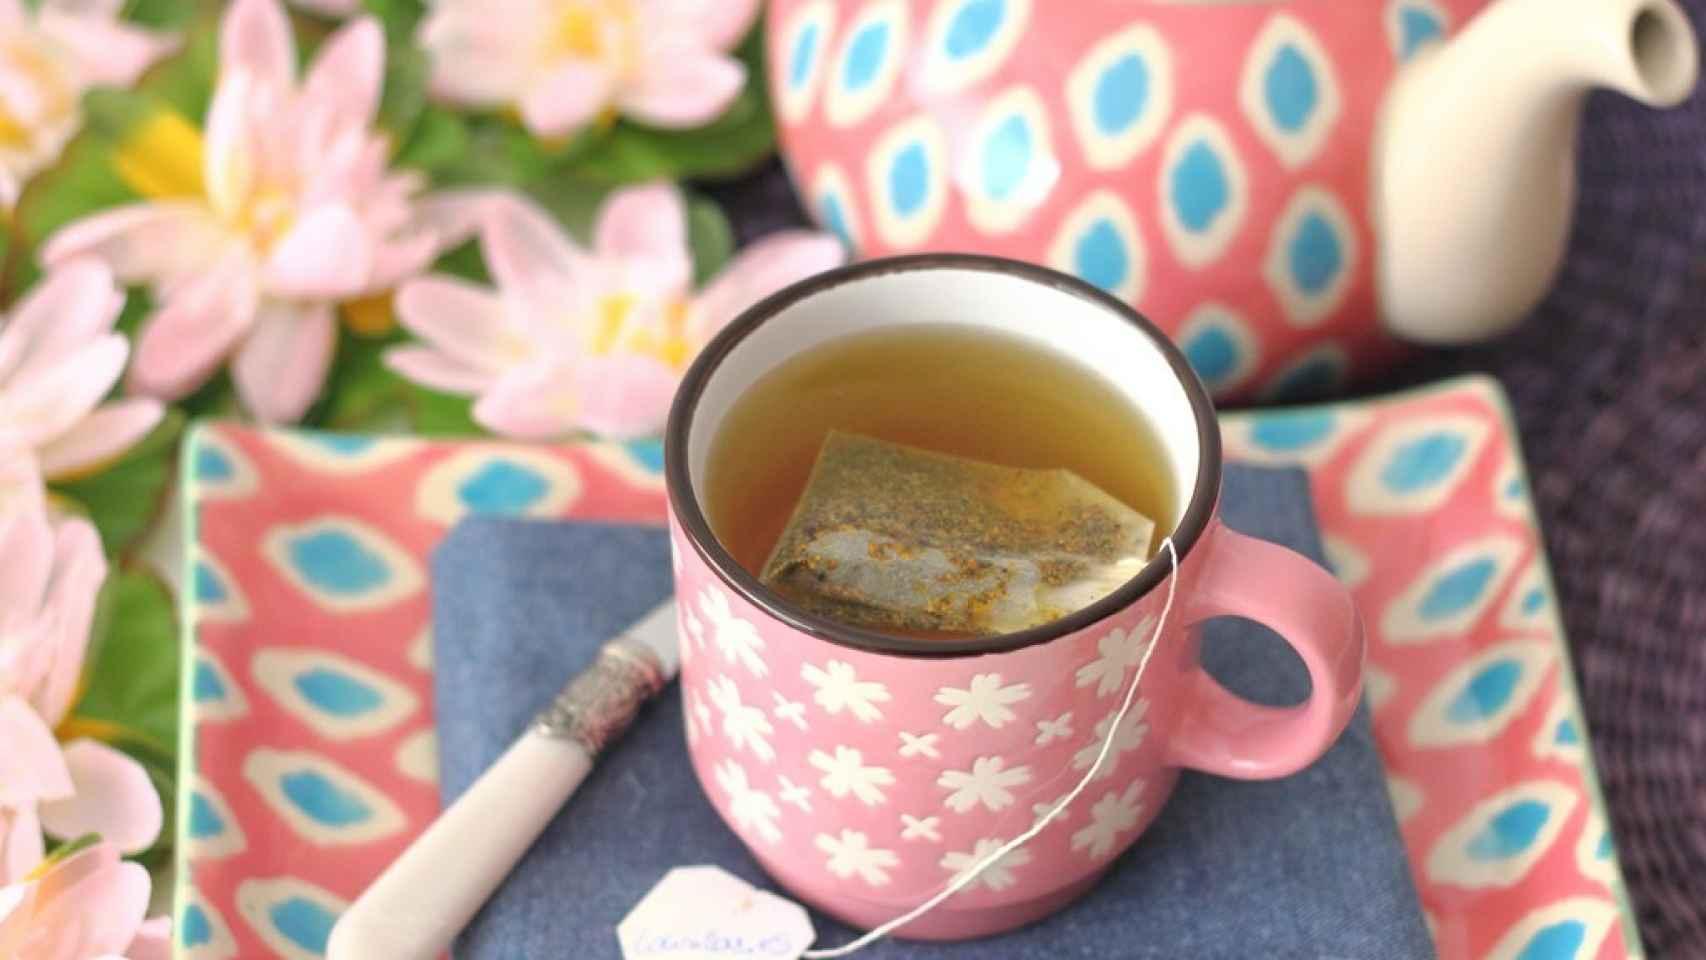 Cómo preparar el té correctamente